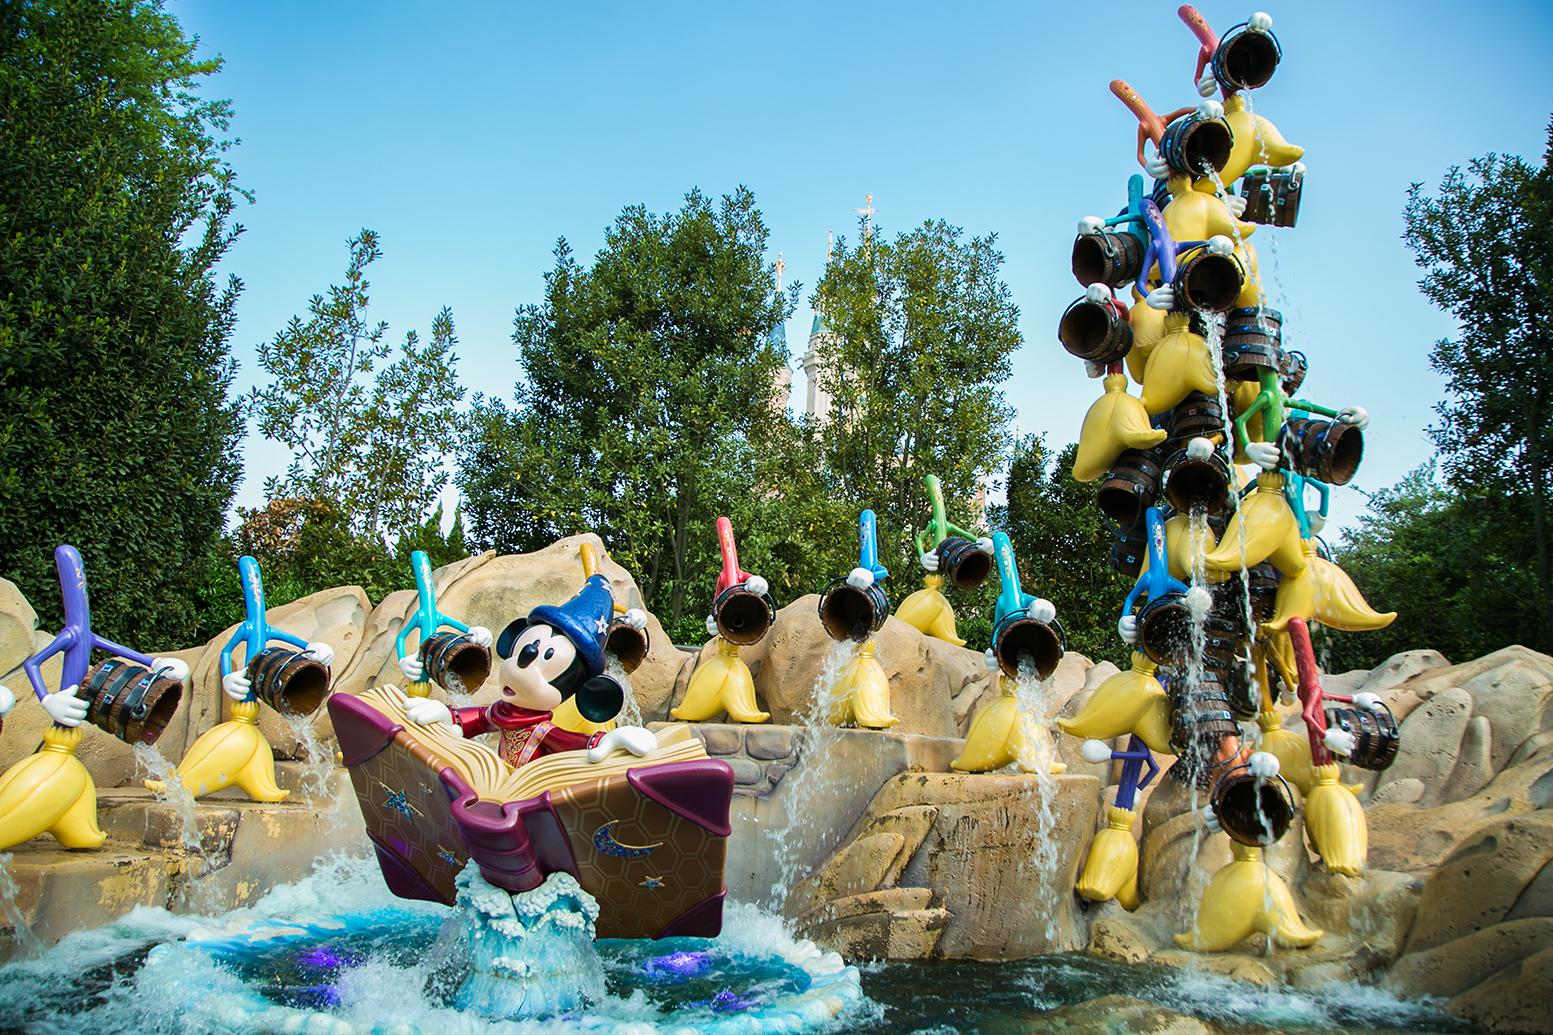 上海迪士尼乐园在玩乐中发现和探索